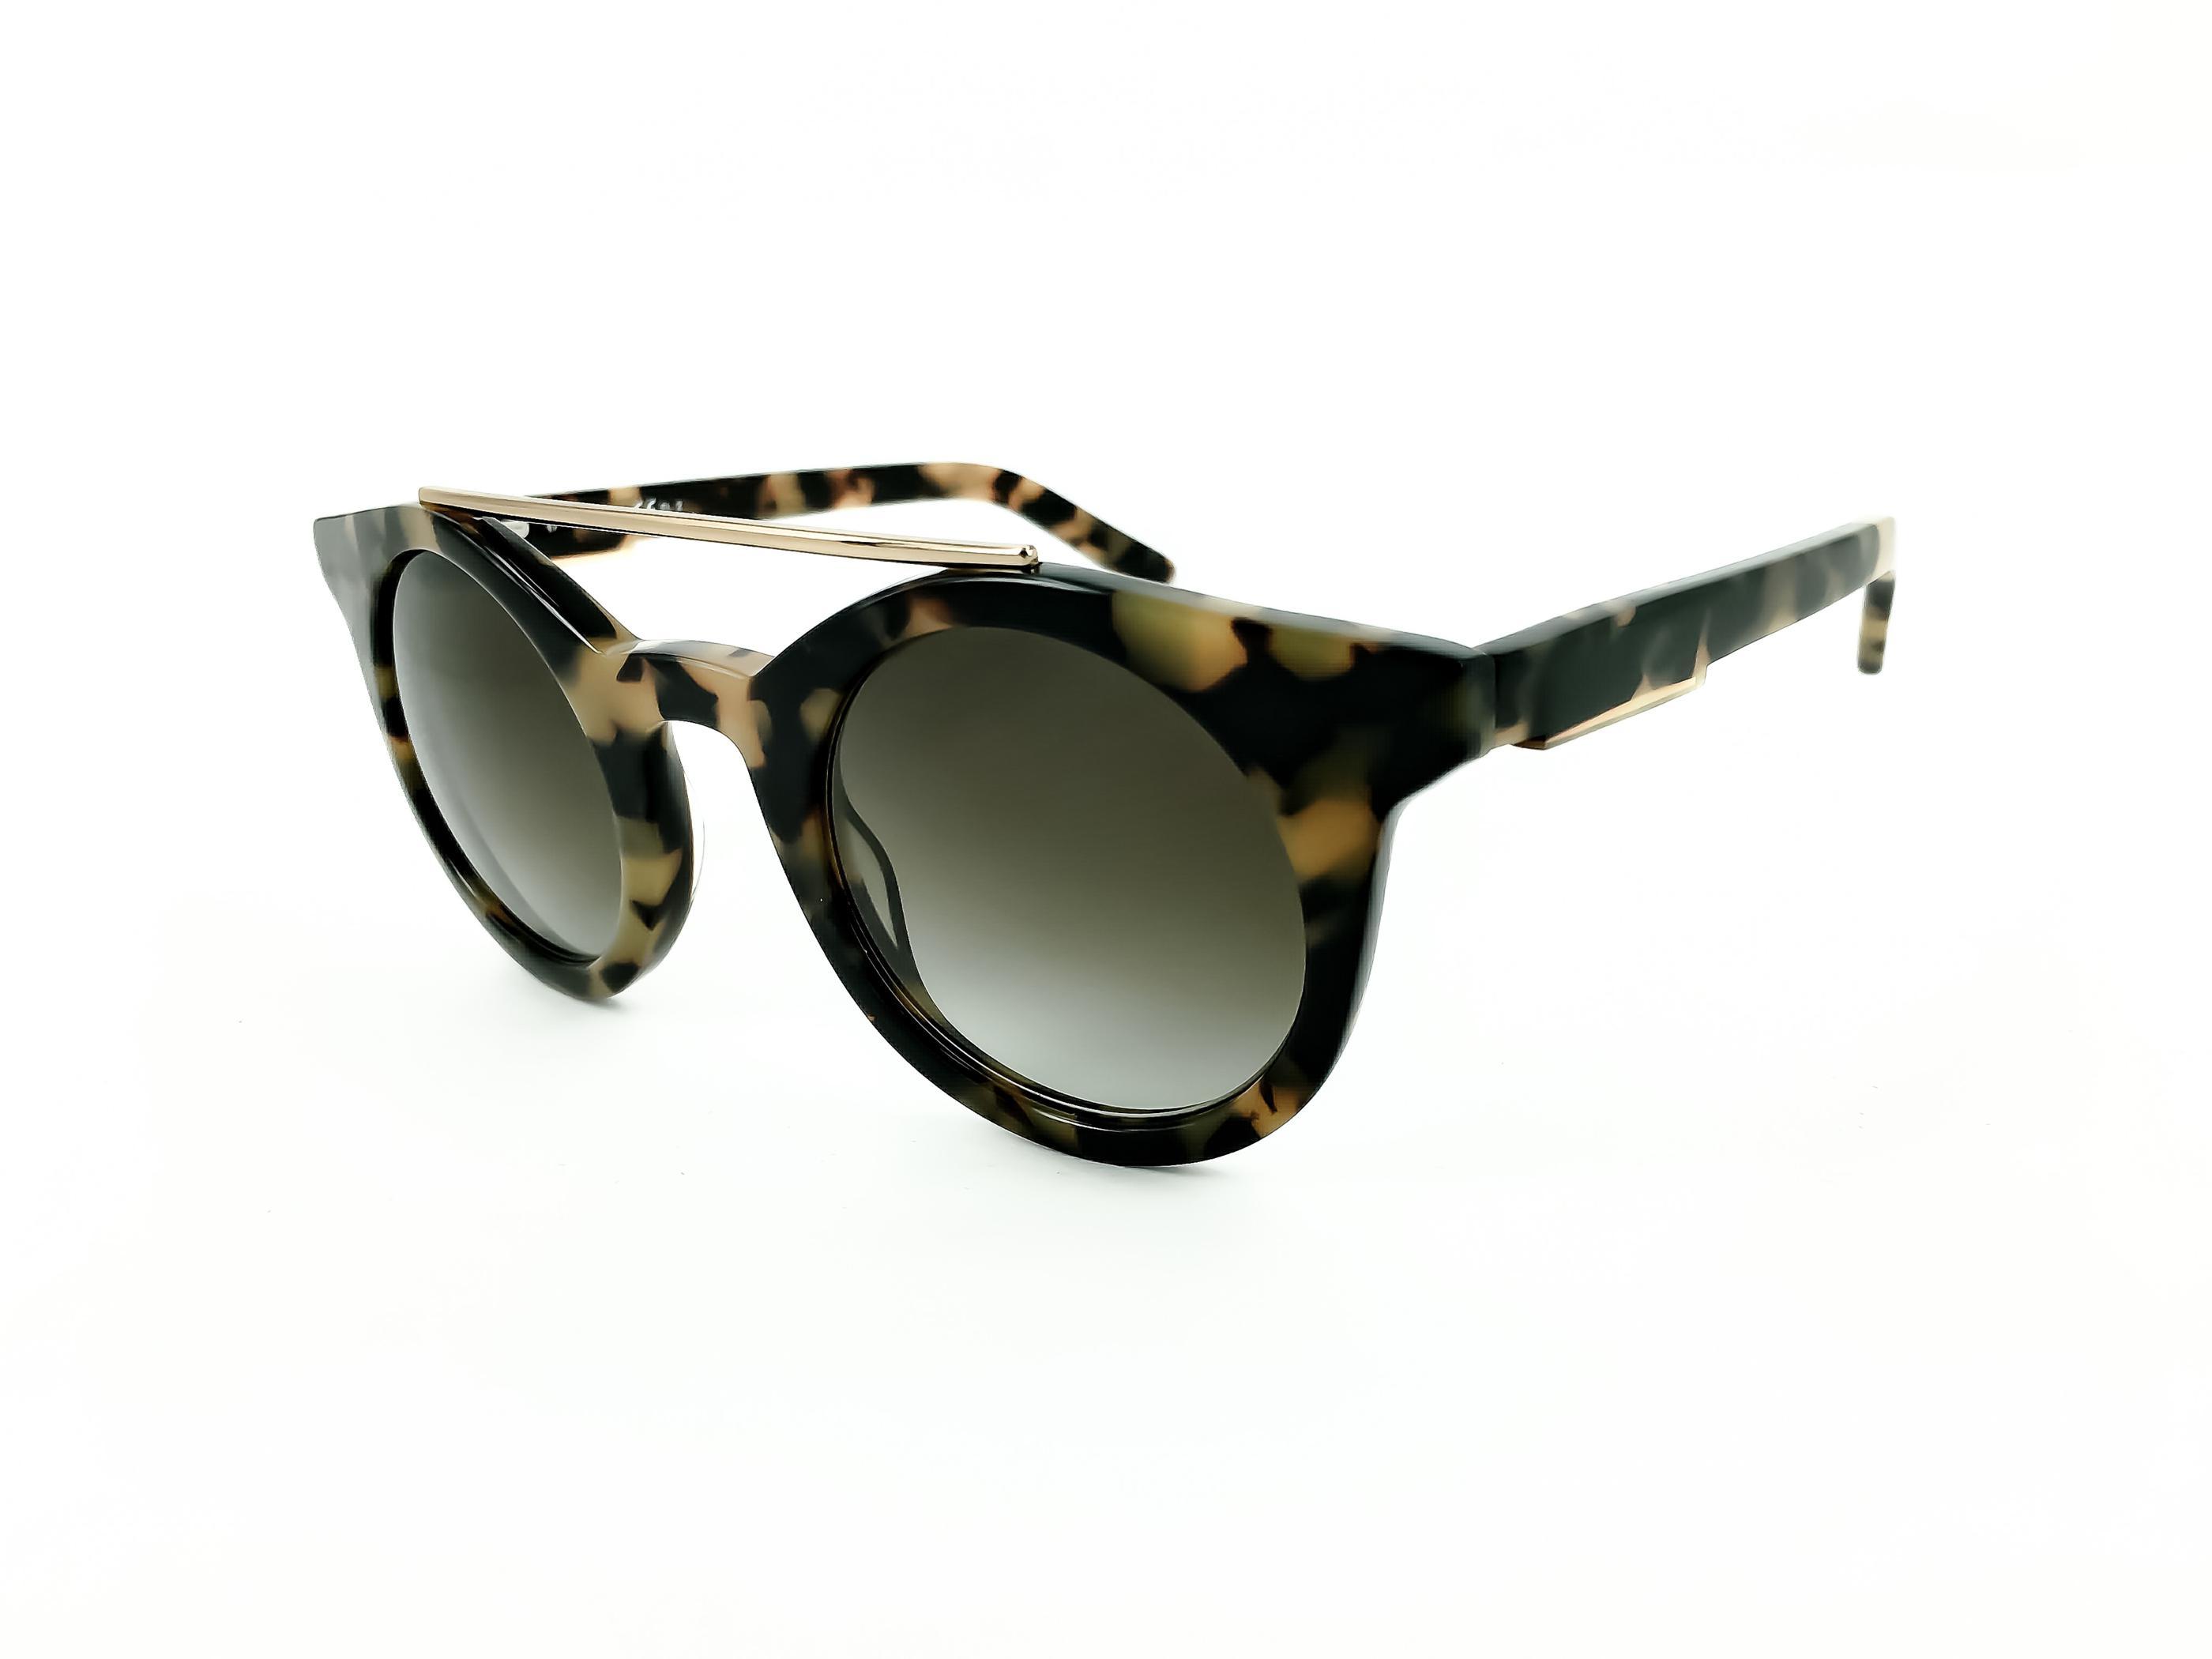 Τα γυαλιά ηλίου OXYDO OX 1094 S P3WIF 45 έχουν κοκάλινο καφέ ταρταρούγα  σκελετό σε στρογγυλό σχήμα σε συνδυασμό με χρυσή μεταλλική γέφυρα. 2250c22843b